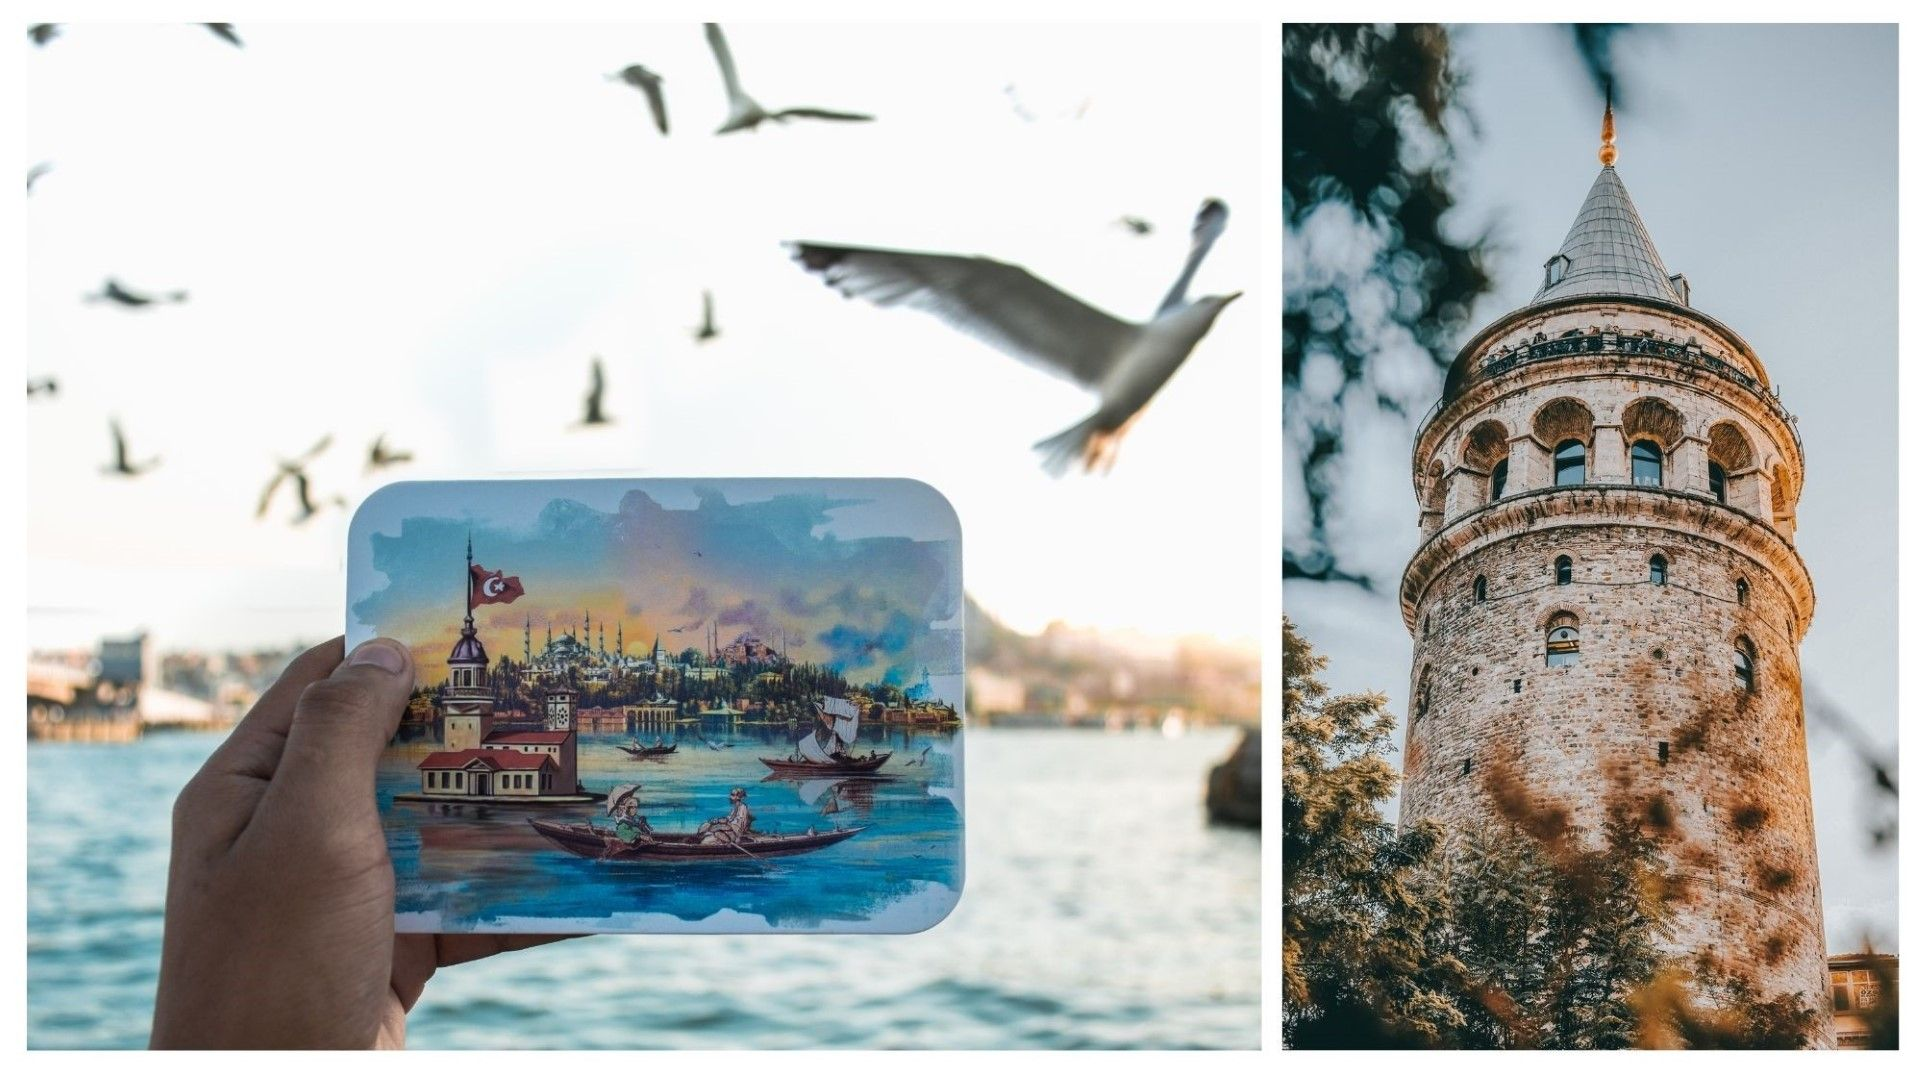 Градът е толкова красив, колкото и на картичките. Вдясно кулата Галата.